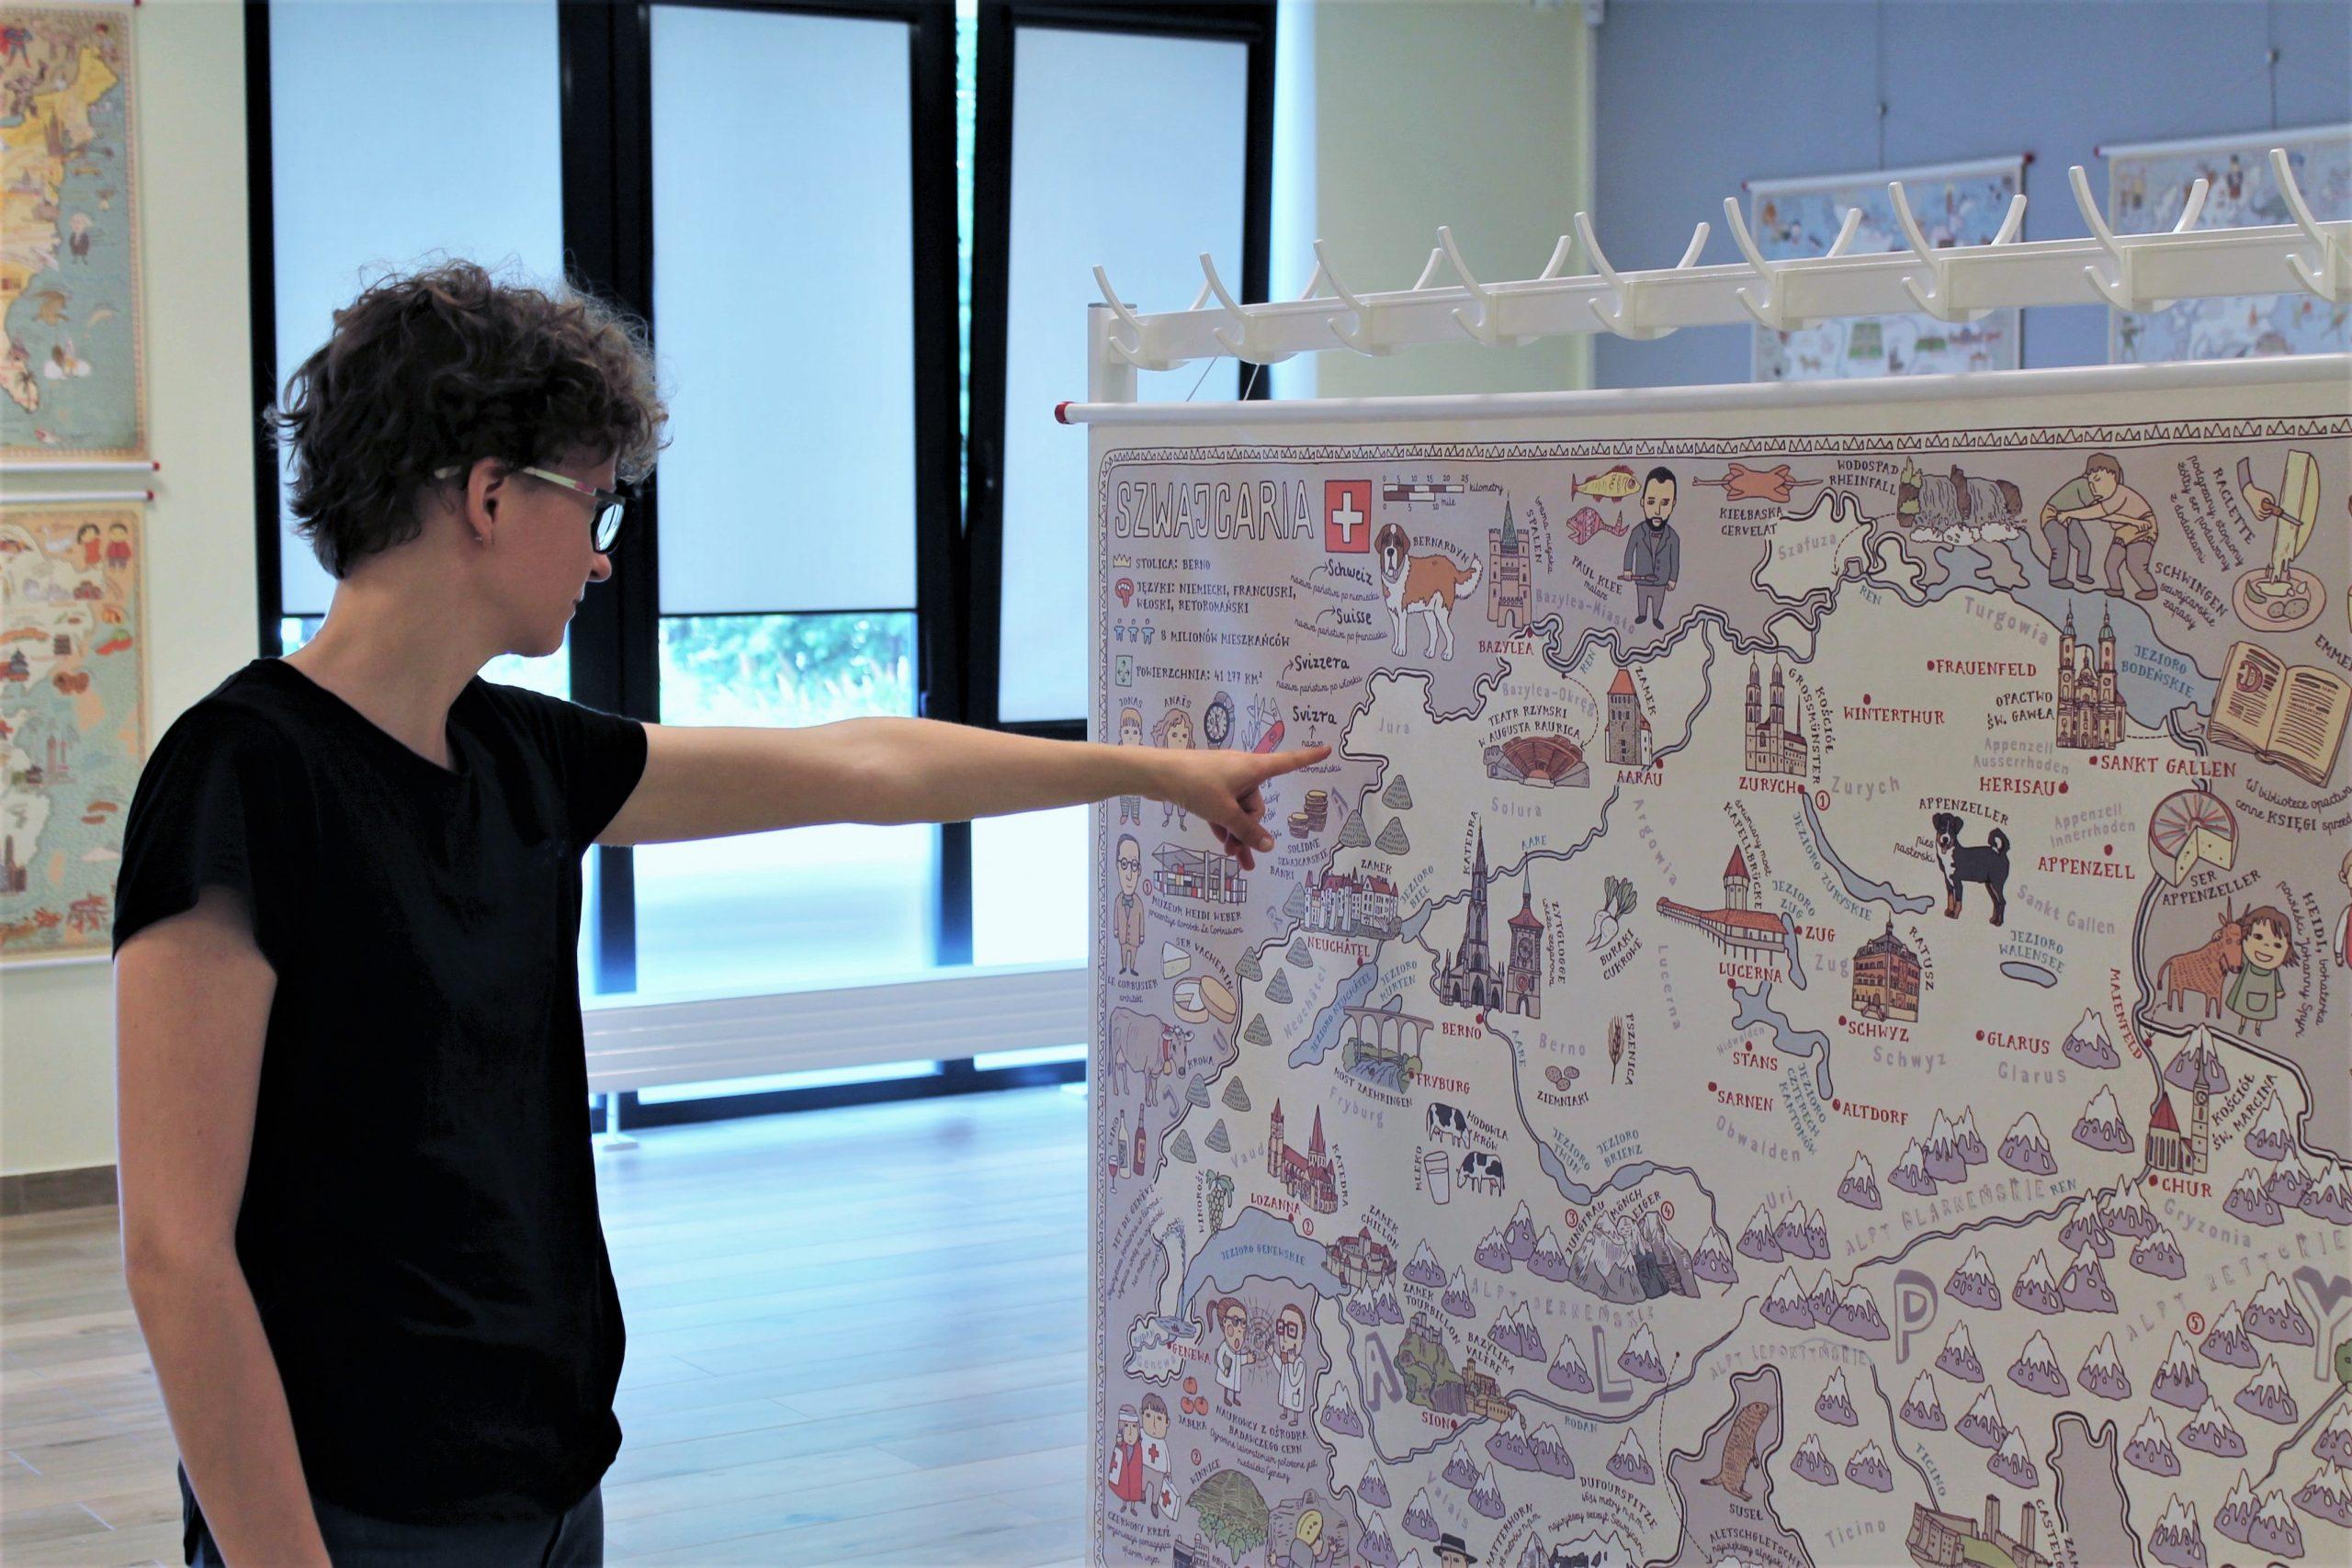 """Zwiedzający ogląda wystawę """"Mapy"""" wsali wystawowej Biblioteki Głównej wPiasecznie"""